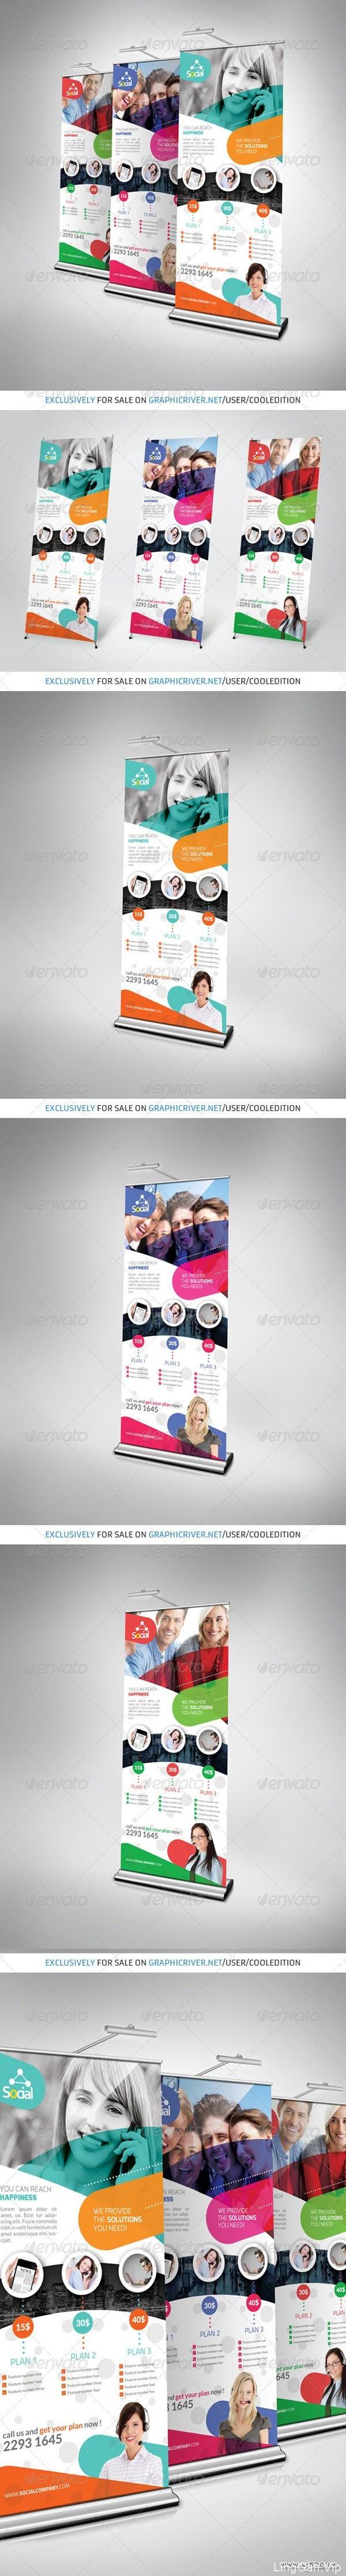 超级构图易拉宝海报之展架设计国外优秀展架设计[25组]3/3